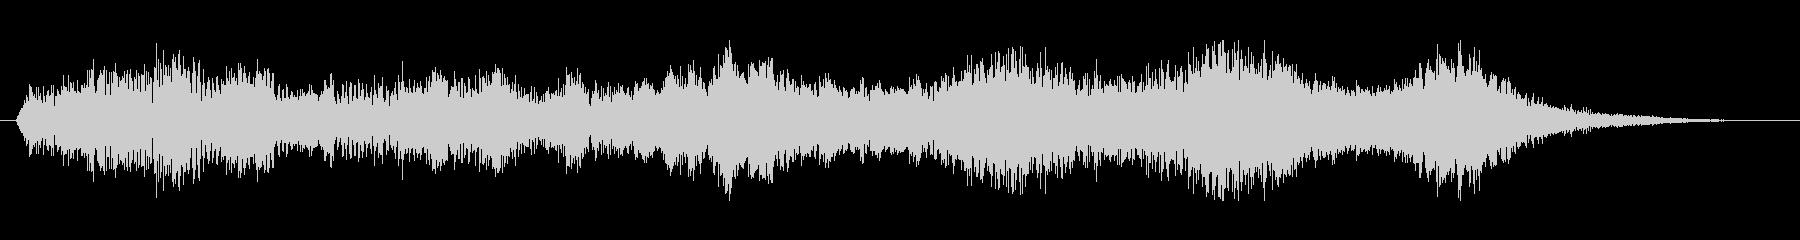 ワープ音2の未再生の波形